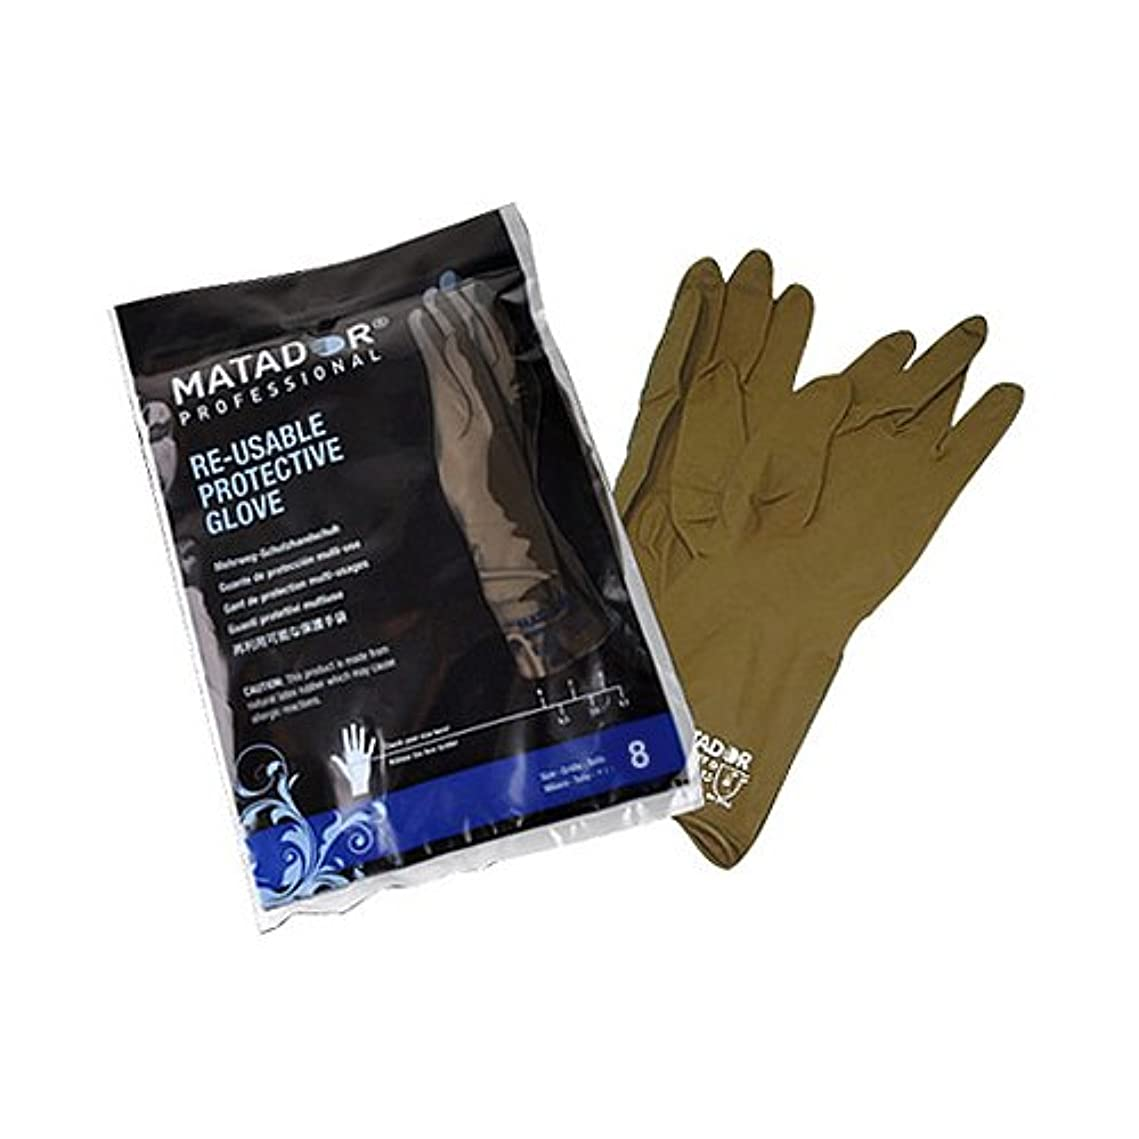 洞察力薄暗い弱いマタドールゴム手袋 8.0吋 【5個セット】